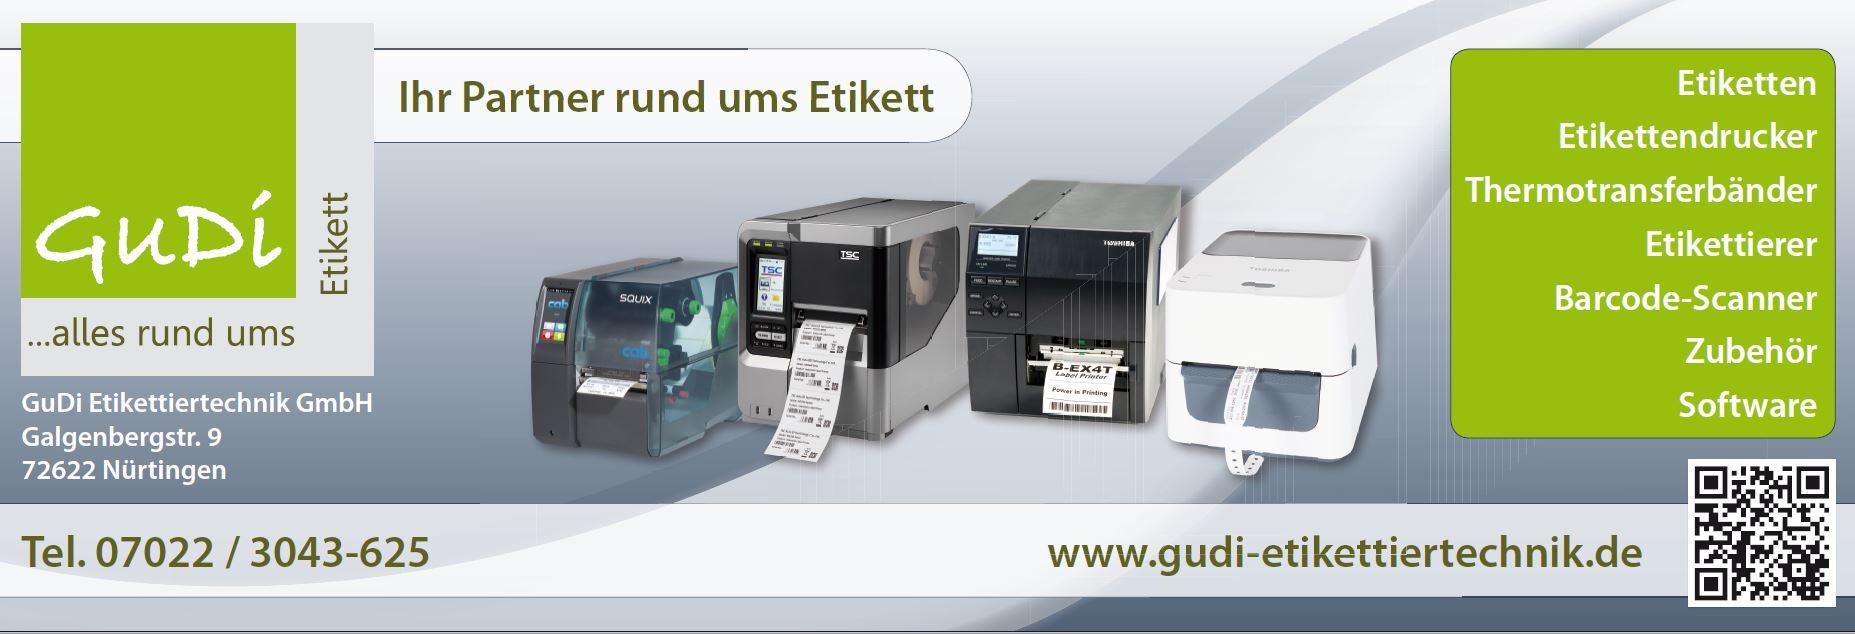 GuDi Etikettiertechnik GmbH